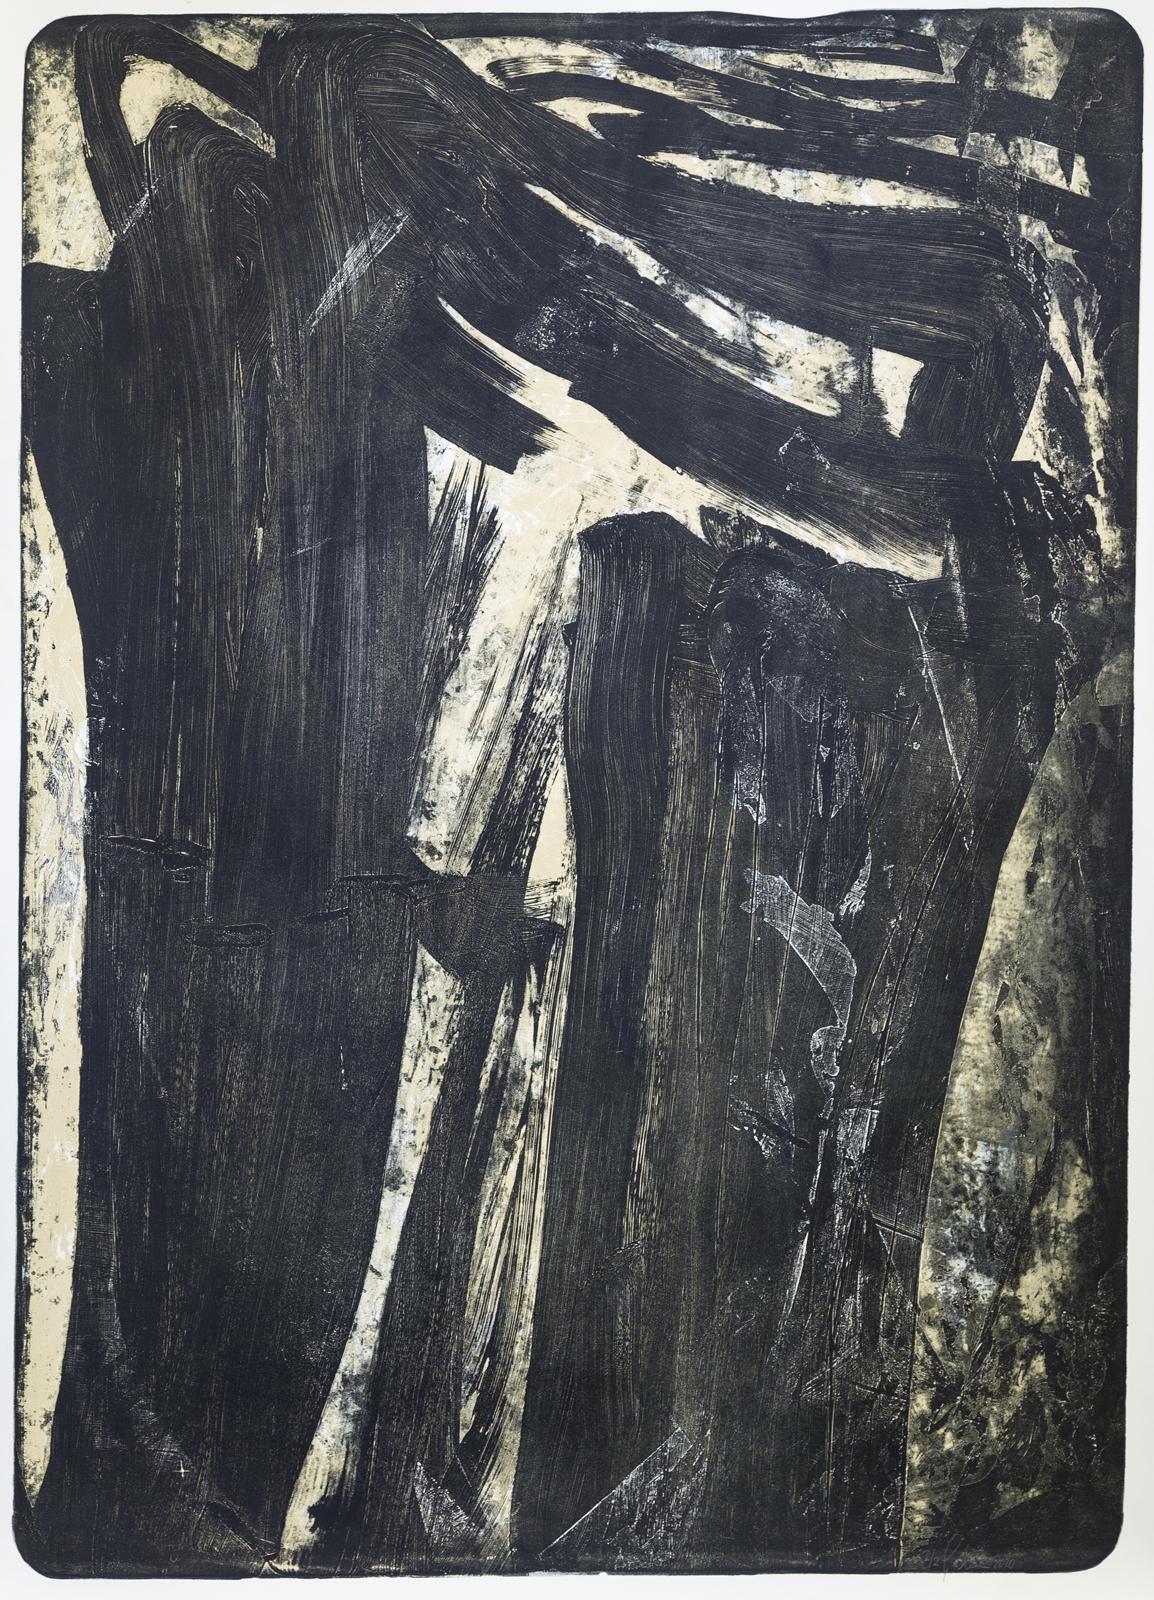 Palimpsest 2, 2020, Lithographie, 2/2, 181x131cm